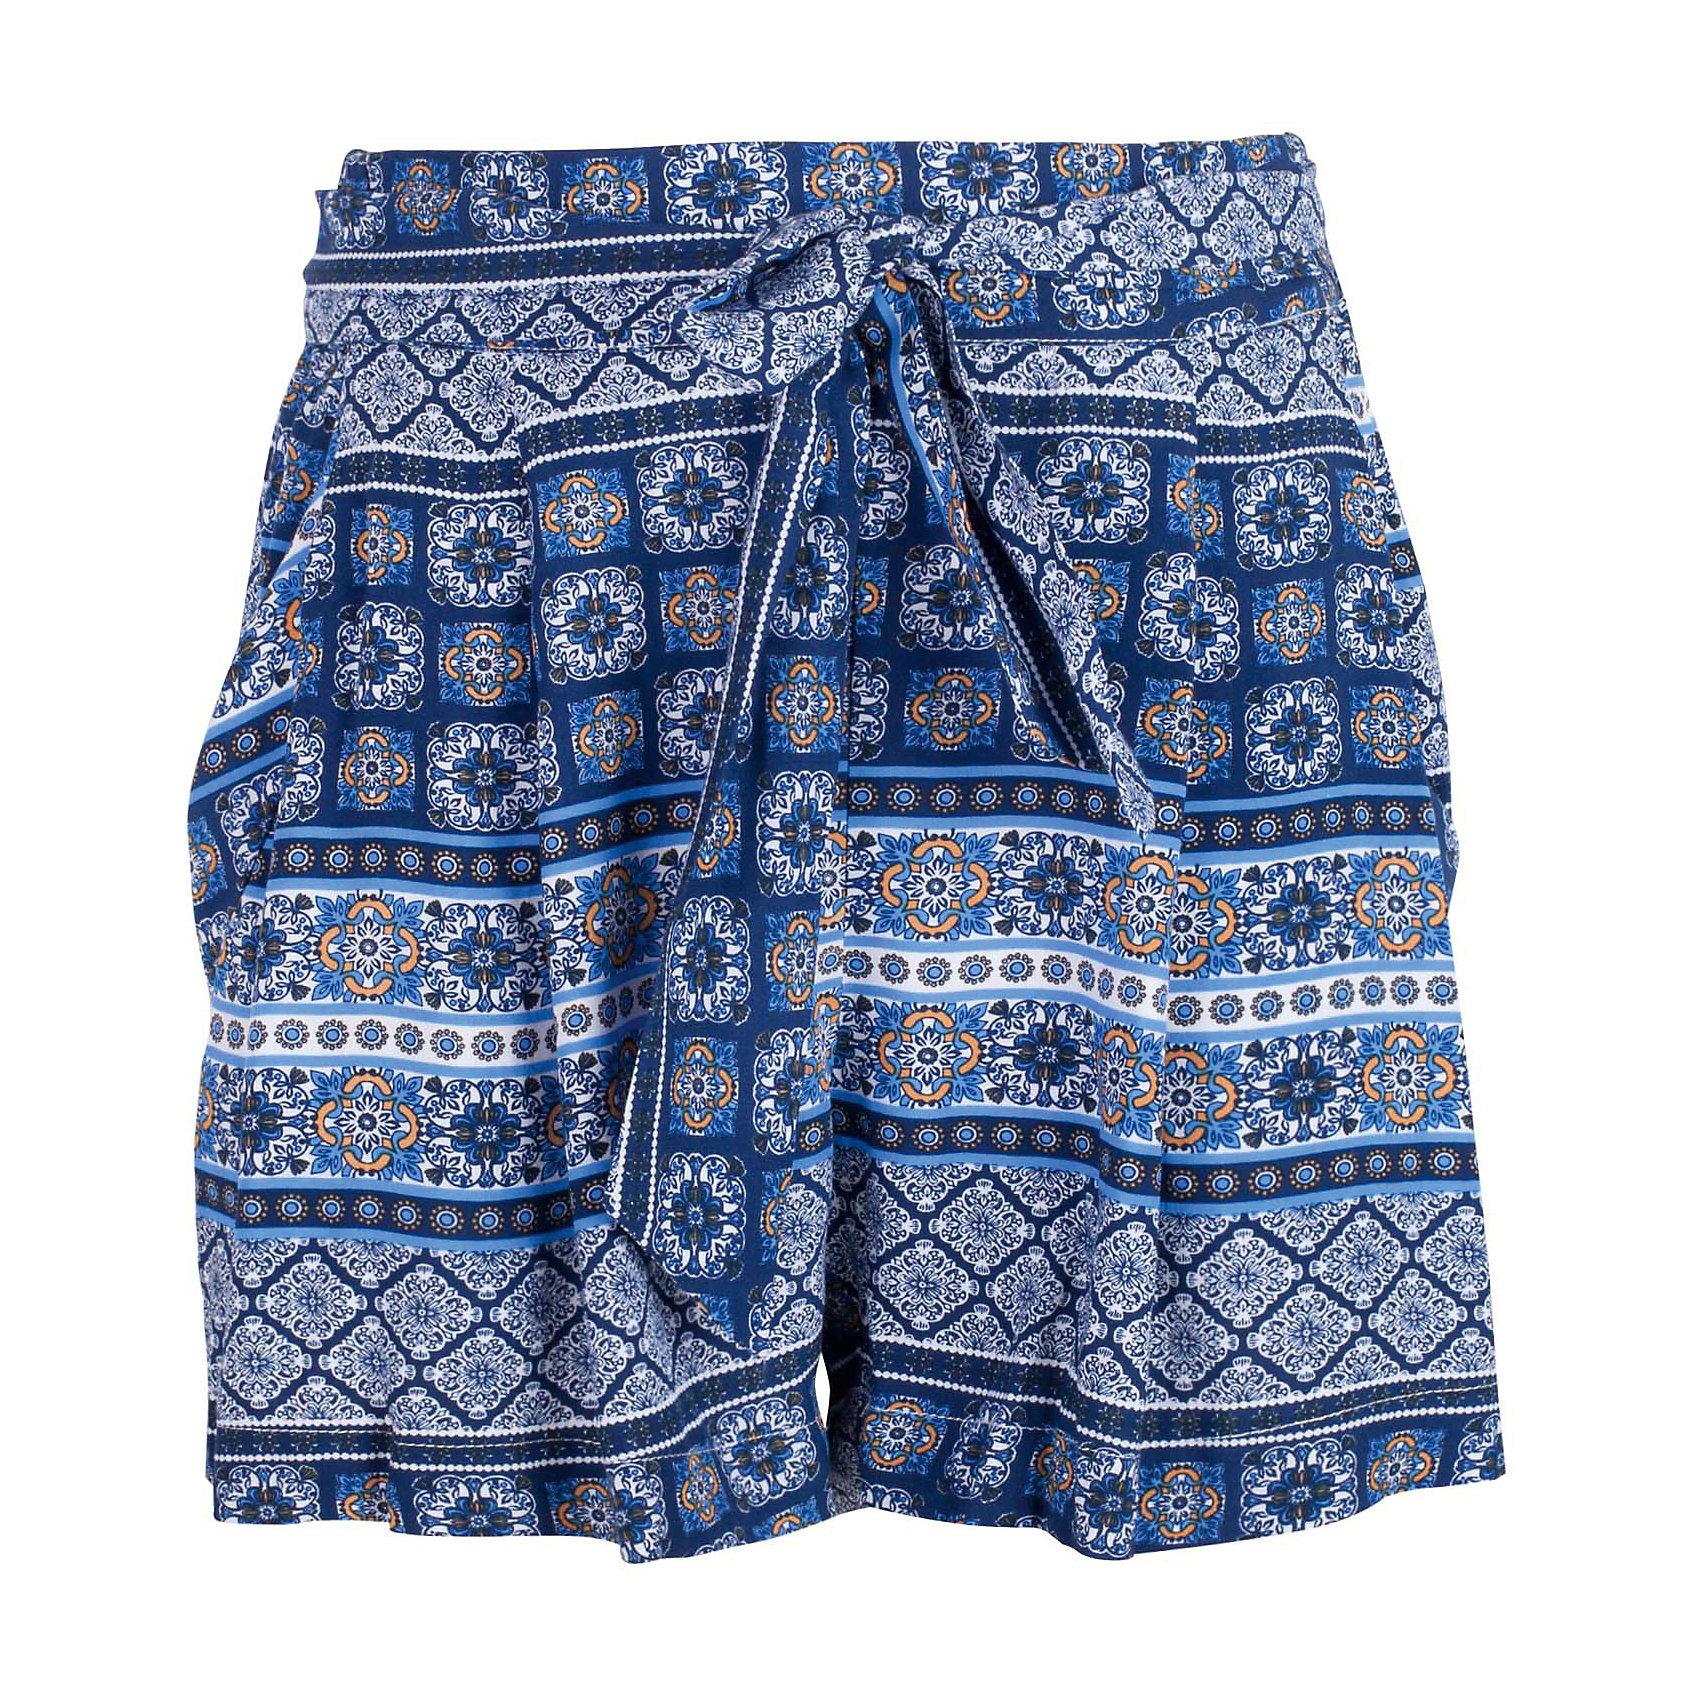 Шорты для девочки GulliverШорты, бриджи, капри<br>Прекрасные текстильные юбка-шорты идеально дополнят летний гардероб юной леди. Для дачного и пляжного отдыха они будут незаменимы. Легкие, удобные, свободные, юбка-шорты для девочек вне времени и вне моды. Стильный мелкий рисунок придает модели динамику, пояс на резинке создает удобство, текстильный пояс, завязывающийся на узел или бант - красивое завершение. Если вы хотите купить шорты на каждый день, но ваш ребенок - романтичная натура, предпочитающая юбки и платья, юбка-шорты - оптимальное решение! Ребенок будет чувствовать себя самим собой и обязательно оценит стиль, комфорт и свободу движений.<br>Состав:<br>100% вискоза<br><br>Ширина мм: 191<br>Глубина мм: 10<br>Высота мм: 175<br>Вес г: 273<br>Цвет: разноцветный<br>Возраст от месяцев: 108<br>Возраст до месяцев: 120<br>Пол: Женский<br>Возраст: Детский<br>Размер: 140,122,128,134<br>SKU: 5484041